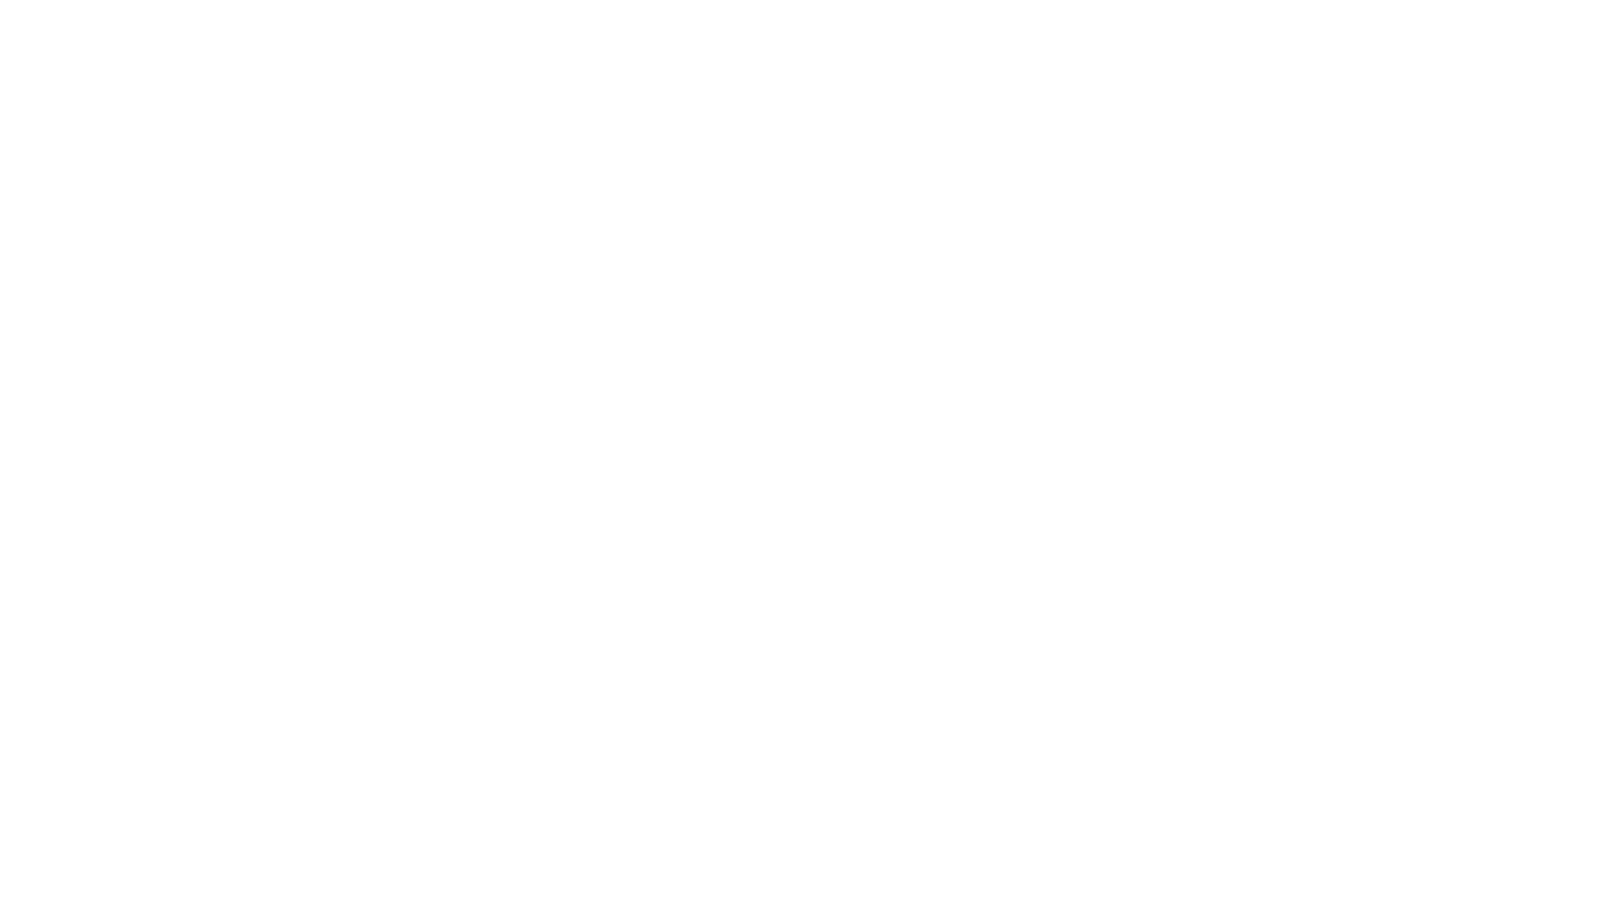 Informace o dalších bohoslužbách a aktuality ze sboru najdete na stránkách https://miroslav.evangnet.cz  Nahrávky písní:  V tvé síle, Pane Bože můj: https://soundcloud.com/ecirkev/stopa-5-4  Žalm 23: https://soundcloud.com/ecirkev/stopa-11-4  Kdopak touto cizinou: https://soundcloud.com/ecirkev/stopa-12-7